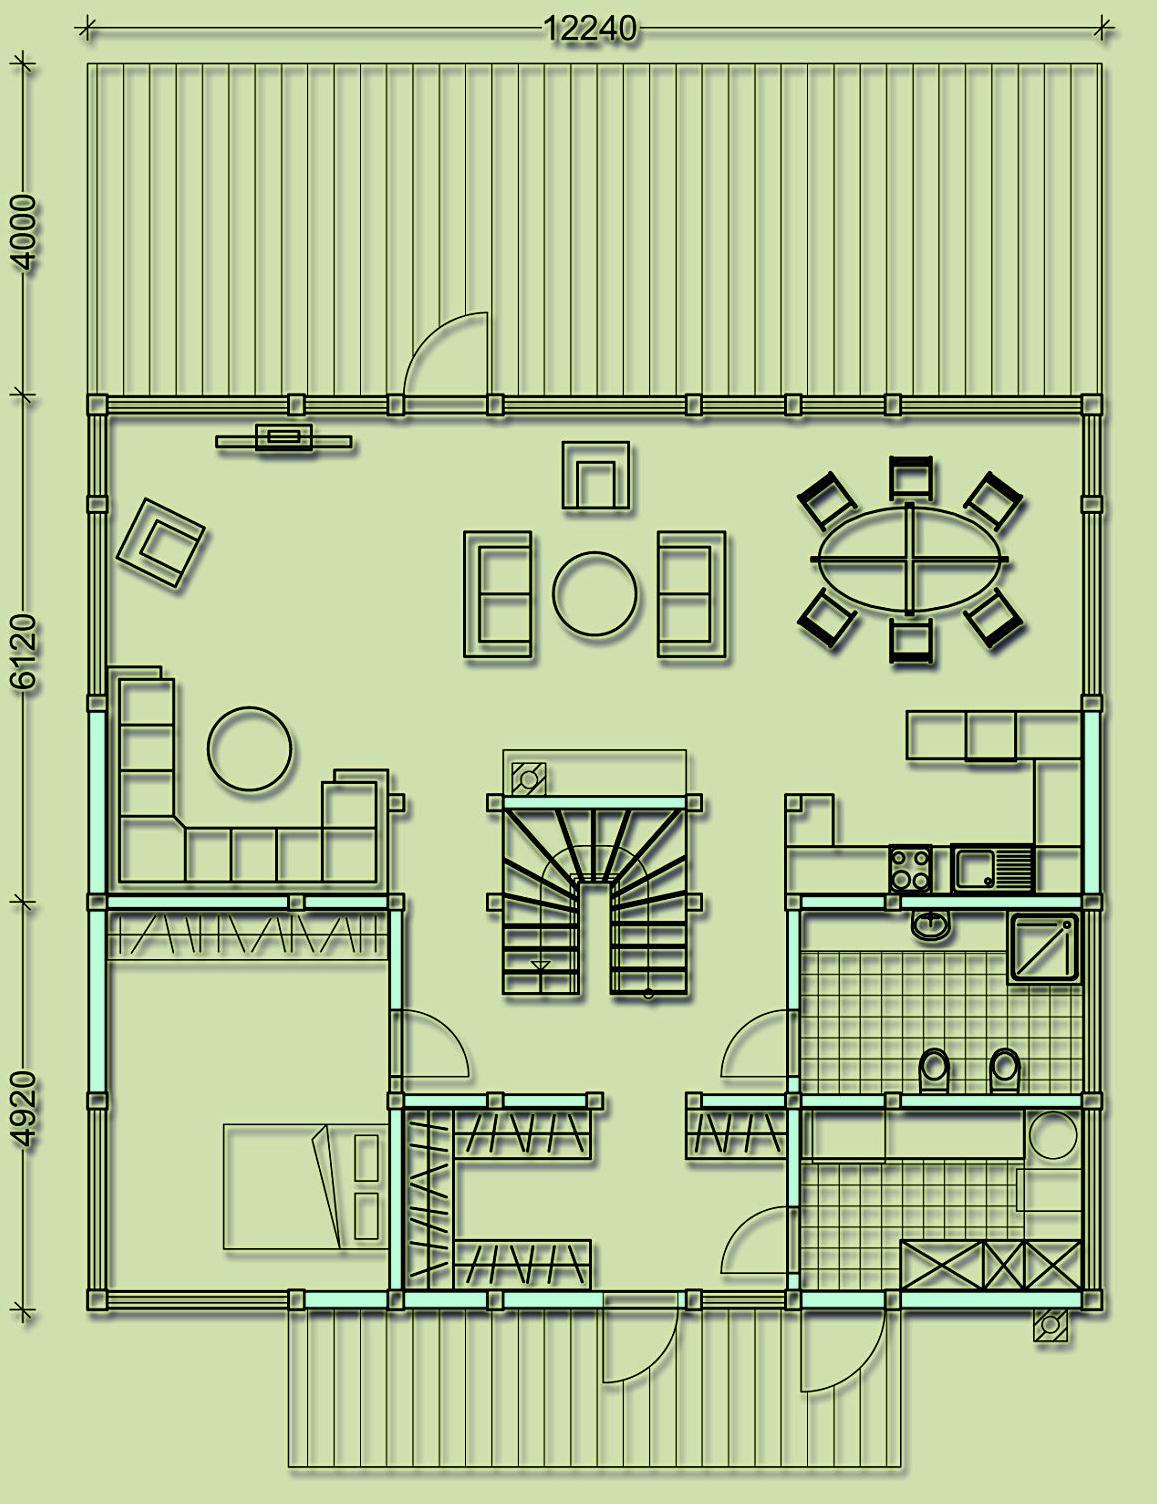 первый этаж фахверкового дома общей площадью 270 кв.м